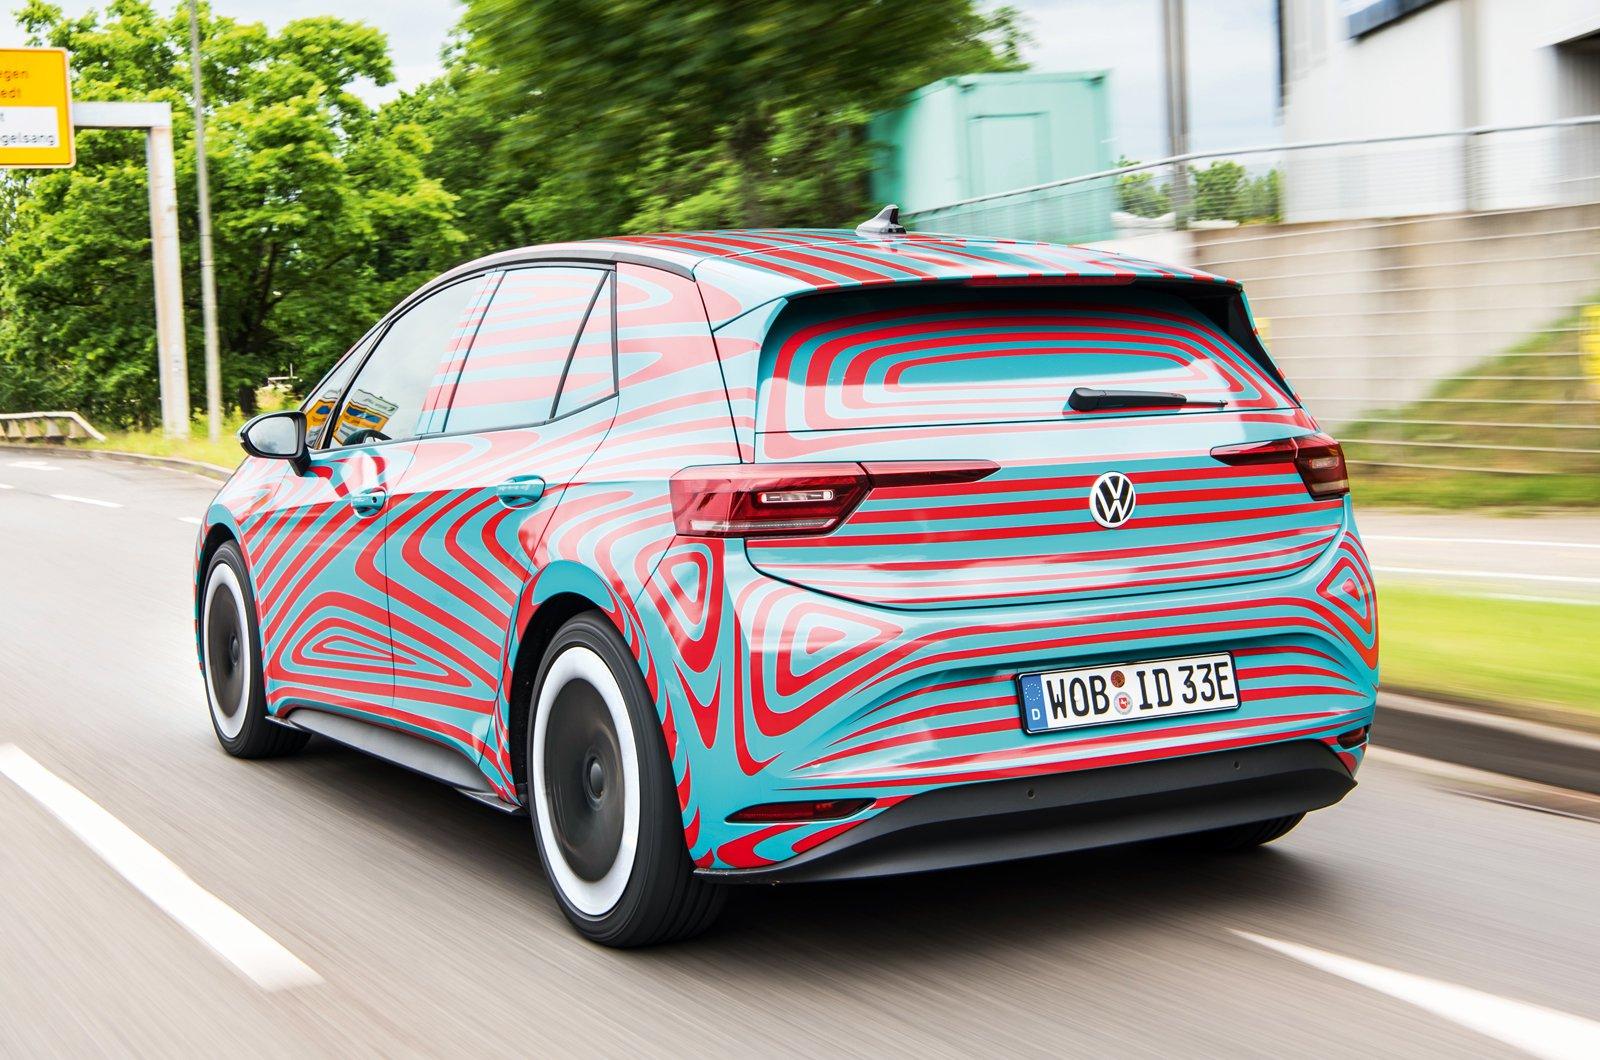 Volkswagen ID.3 prototype rear